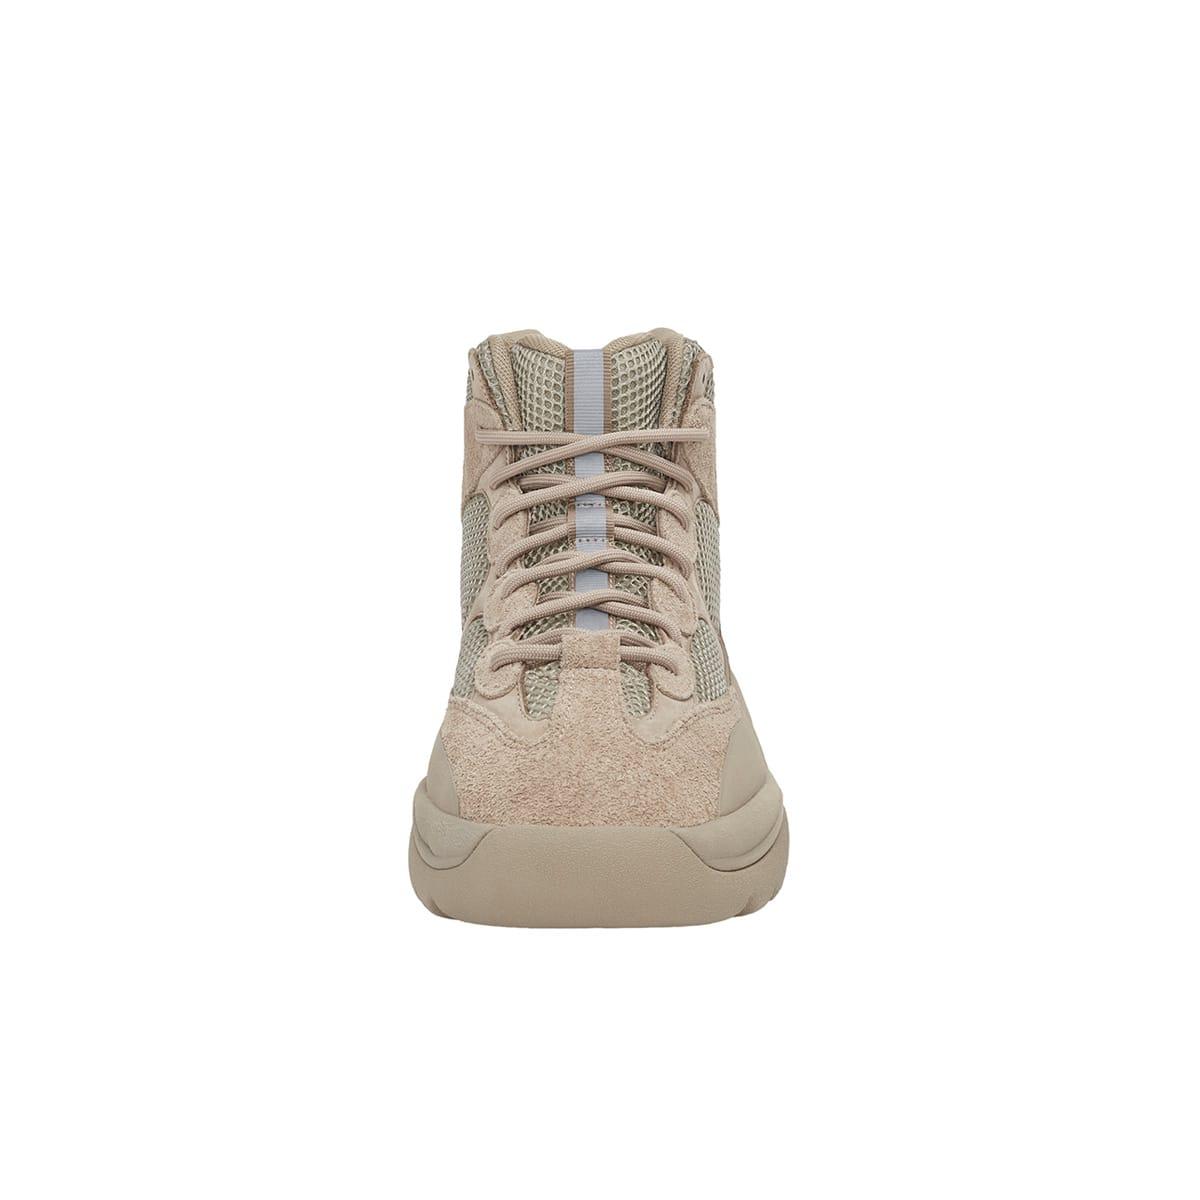 YEEZY Desert Boot - EG6462